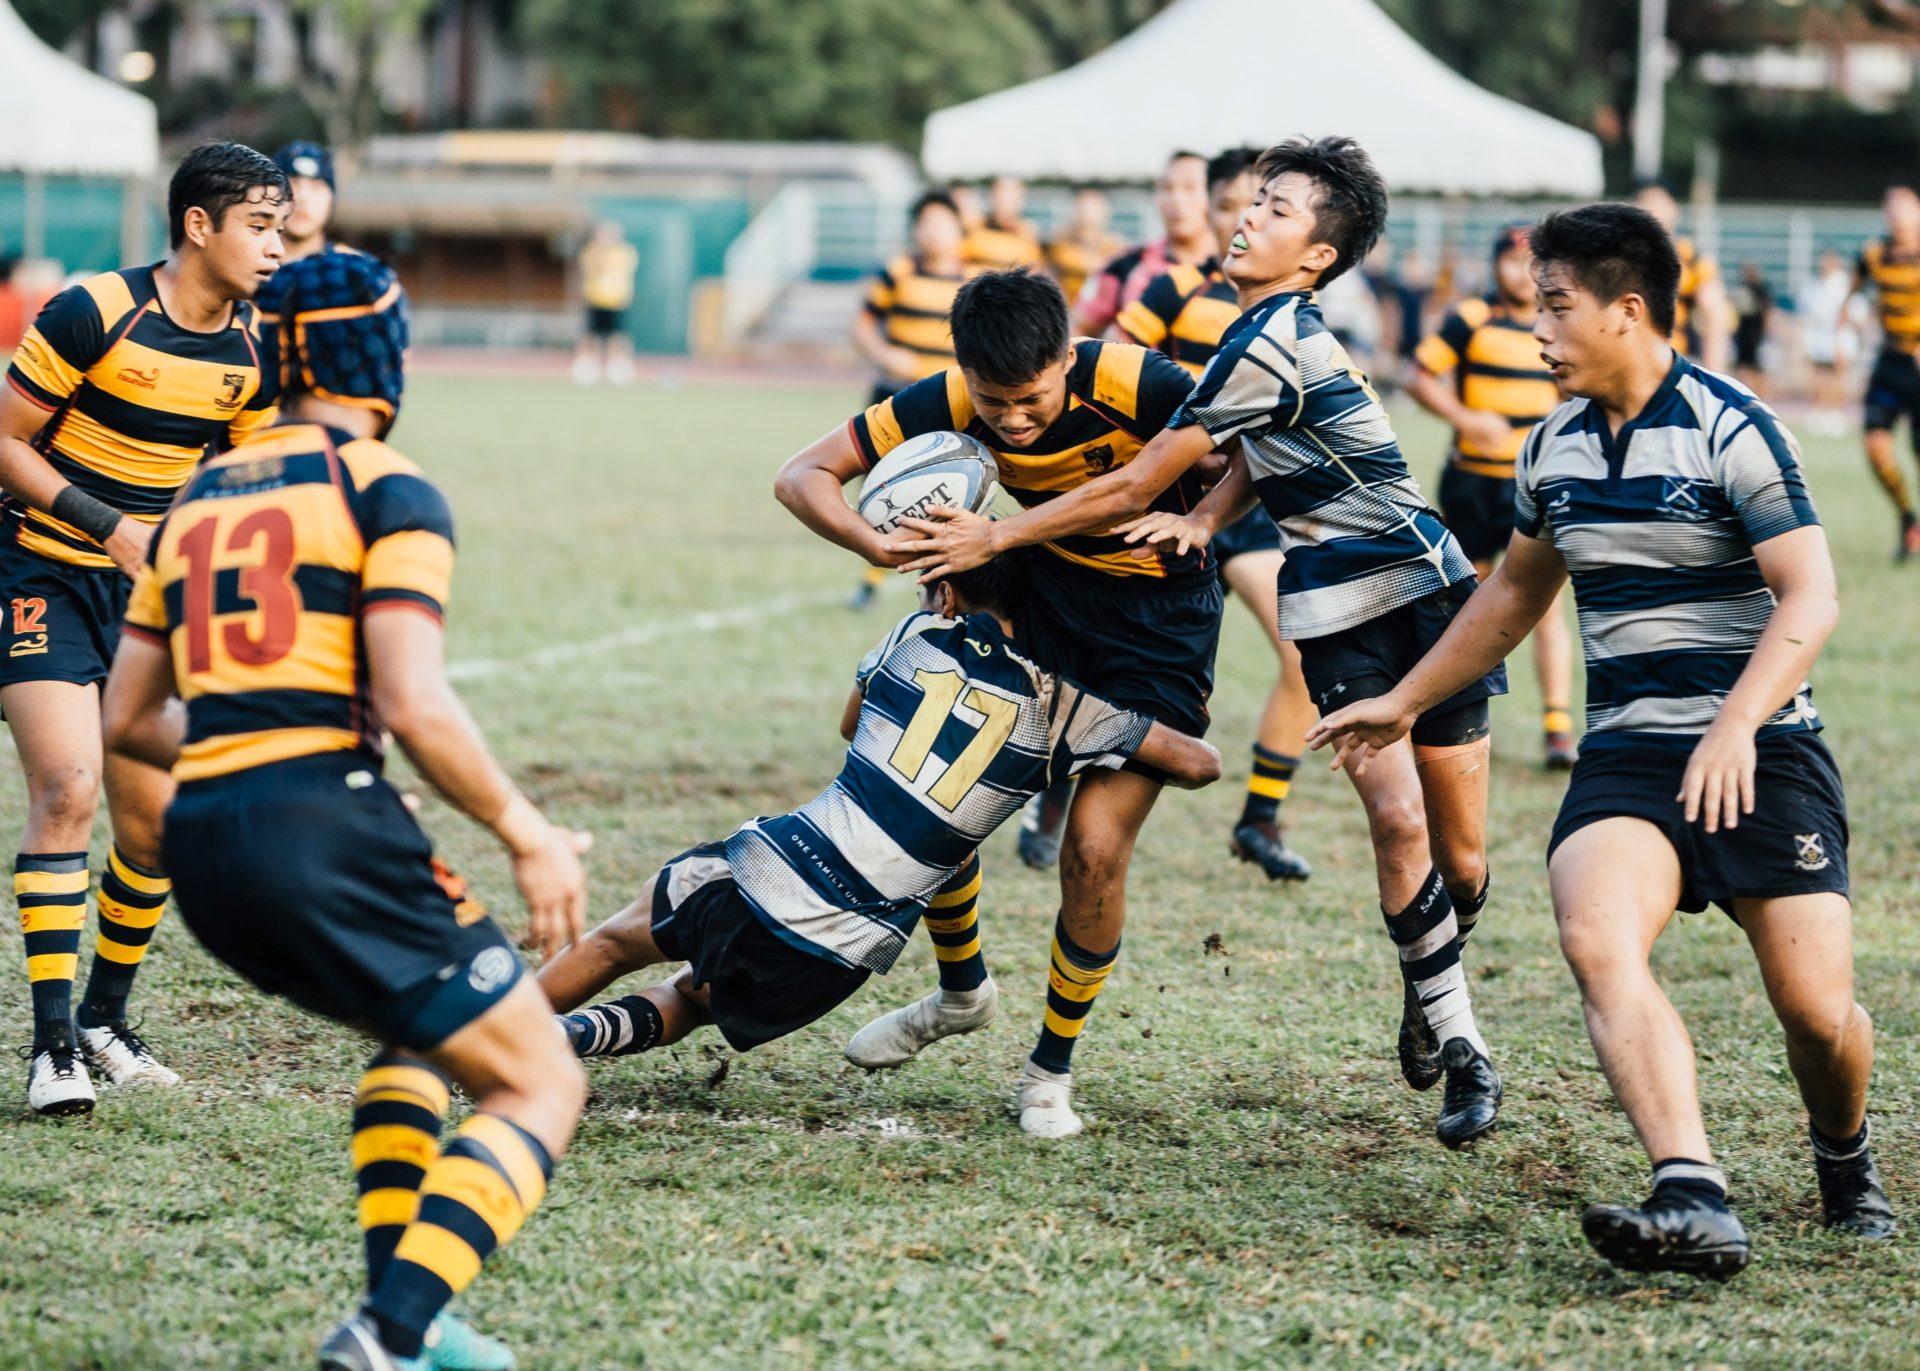 Hommes jouant au rugby, esprit d'équipe, terrain